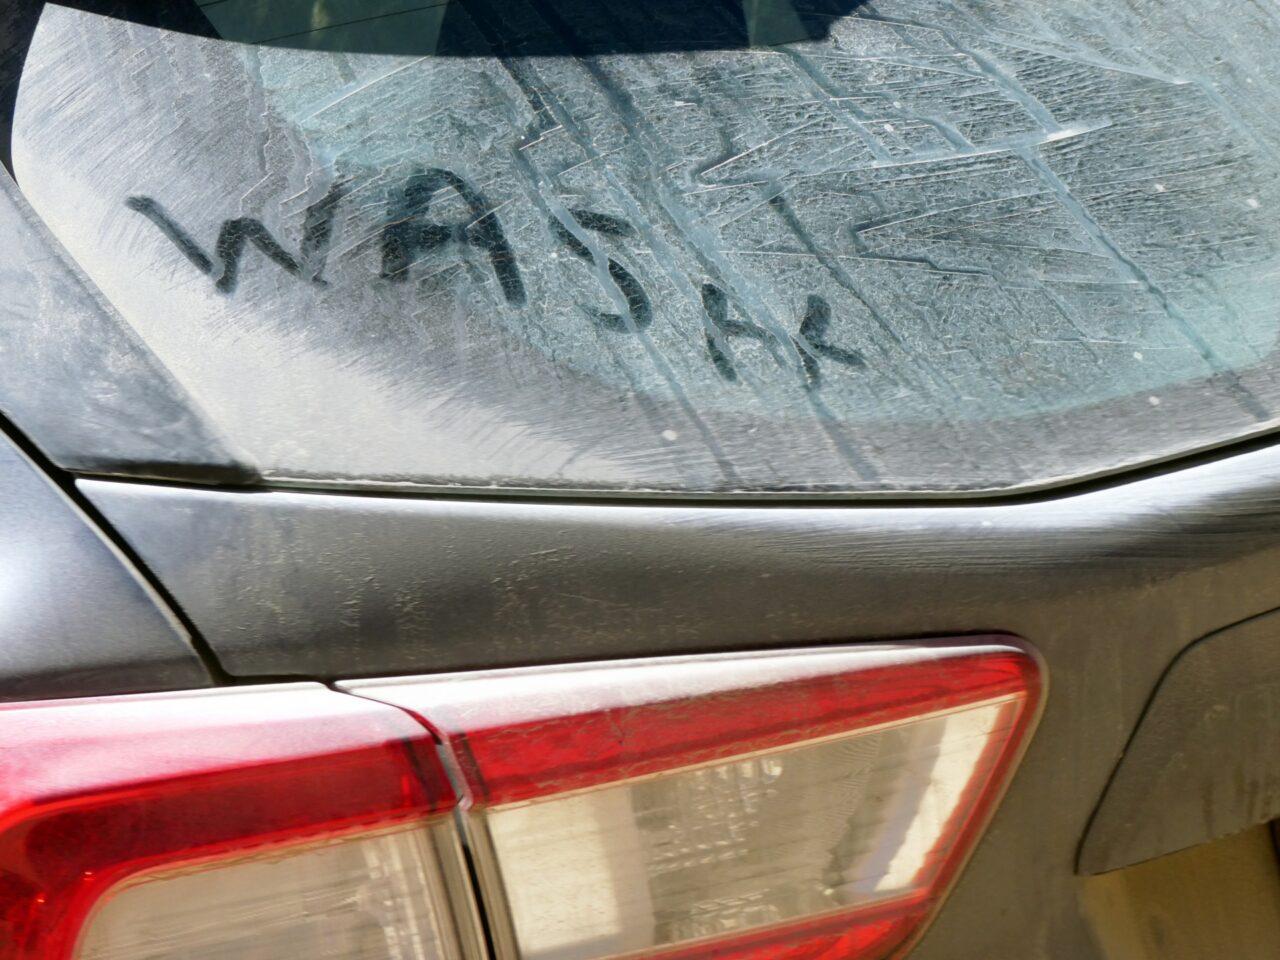 Un auto sucio ¿es dañino o tiene una capa protectora?